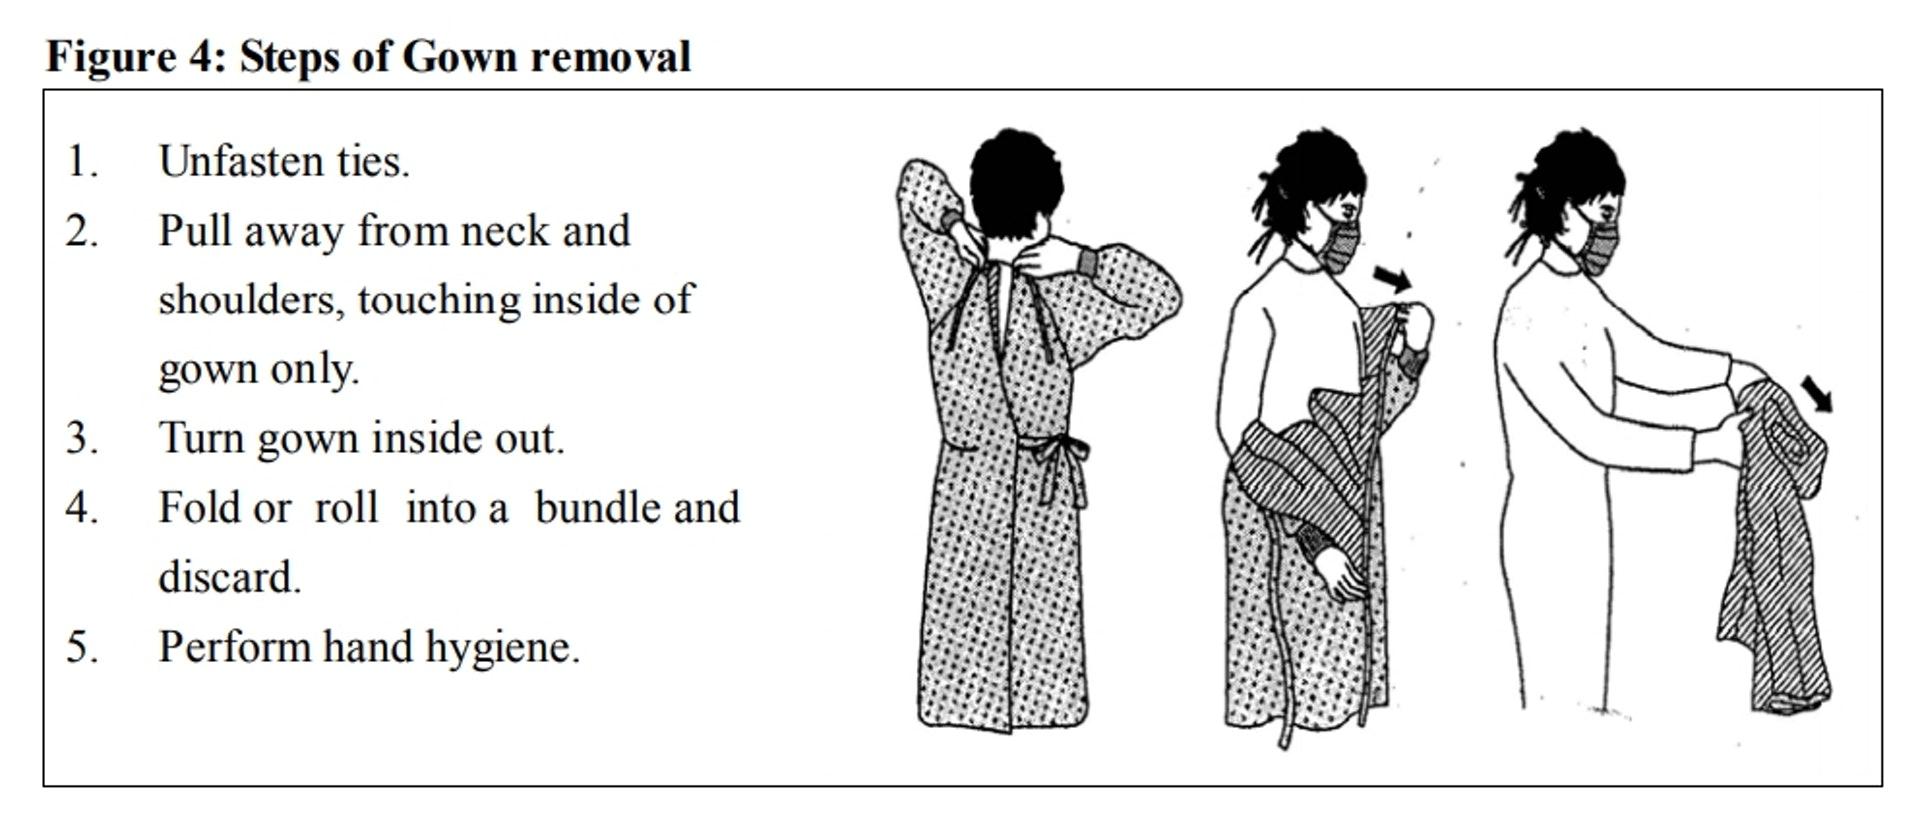 脫下保護衣步驟。(衞生署文件)